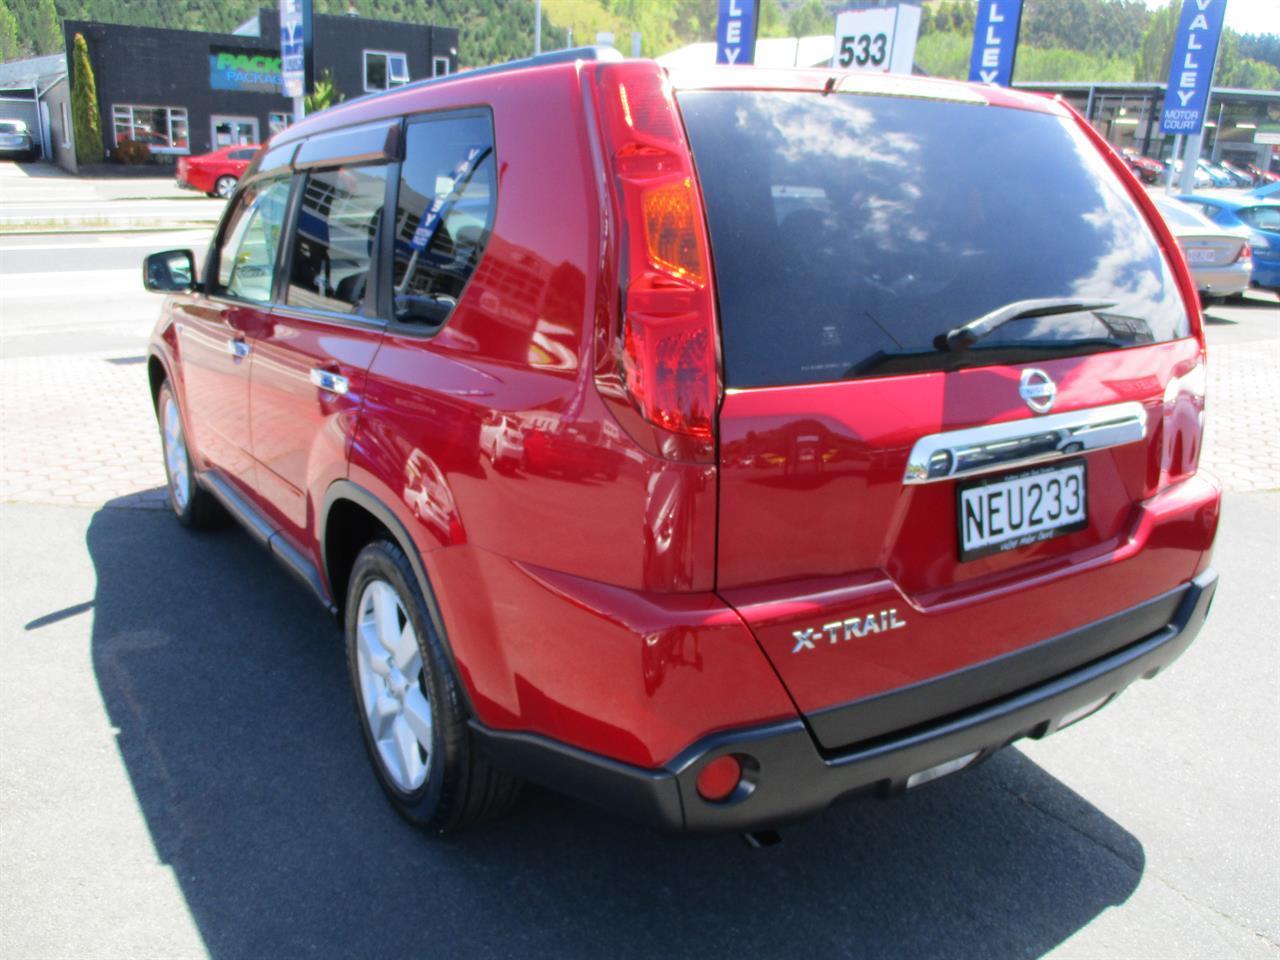 image-6, 2007 Nissan X-Trail 2.5 4x4 at Dunedin